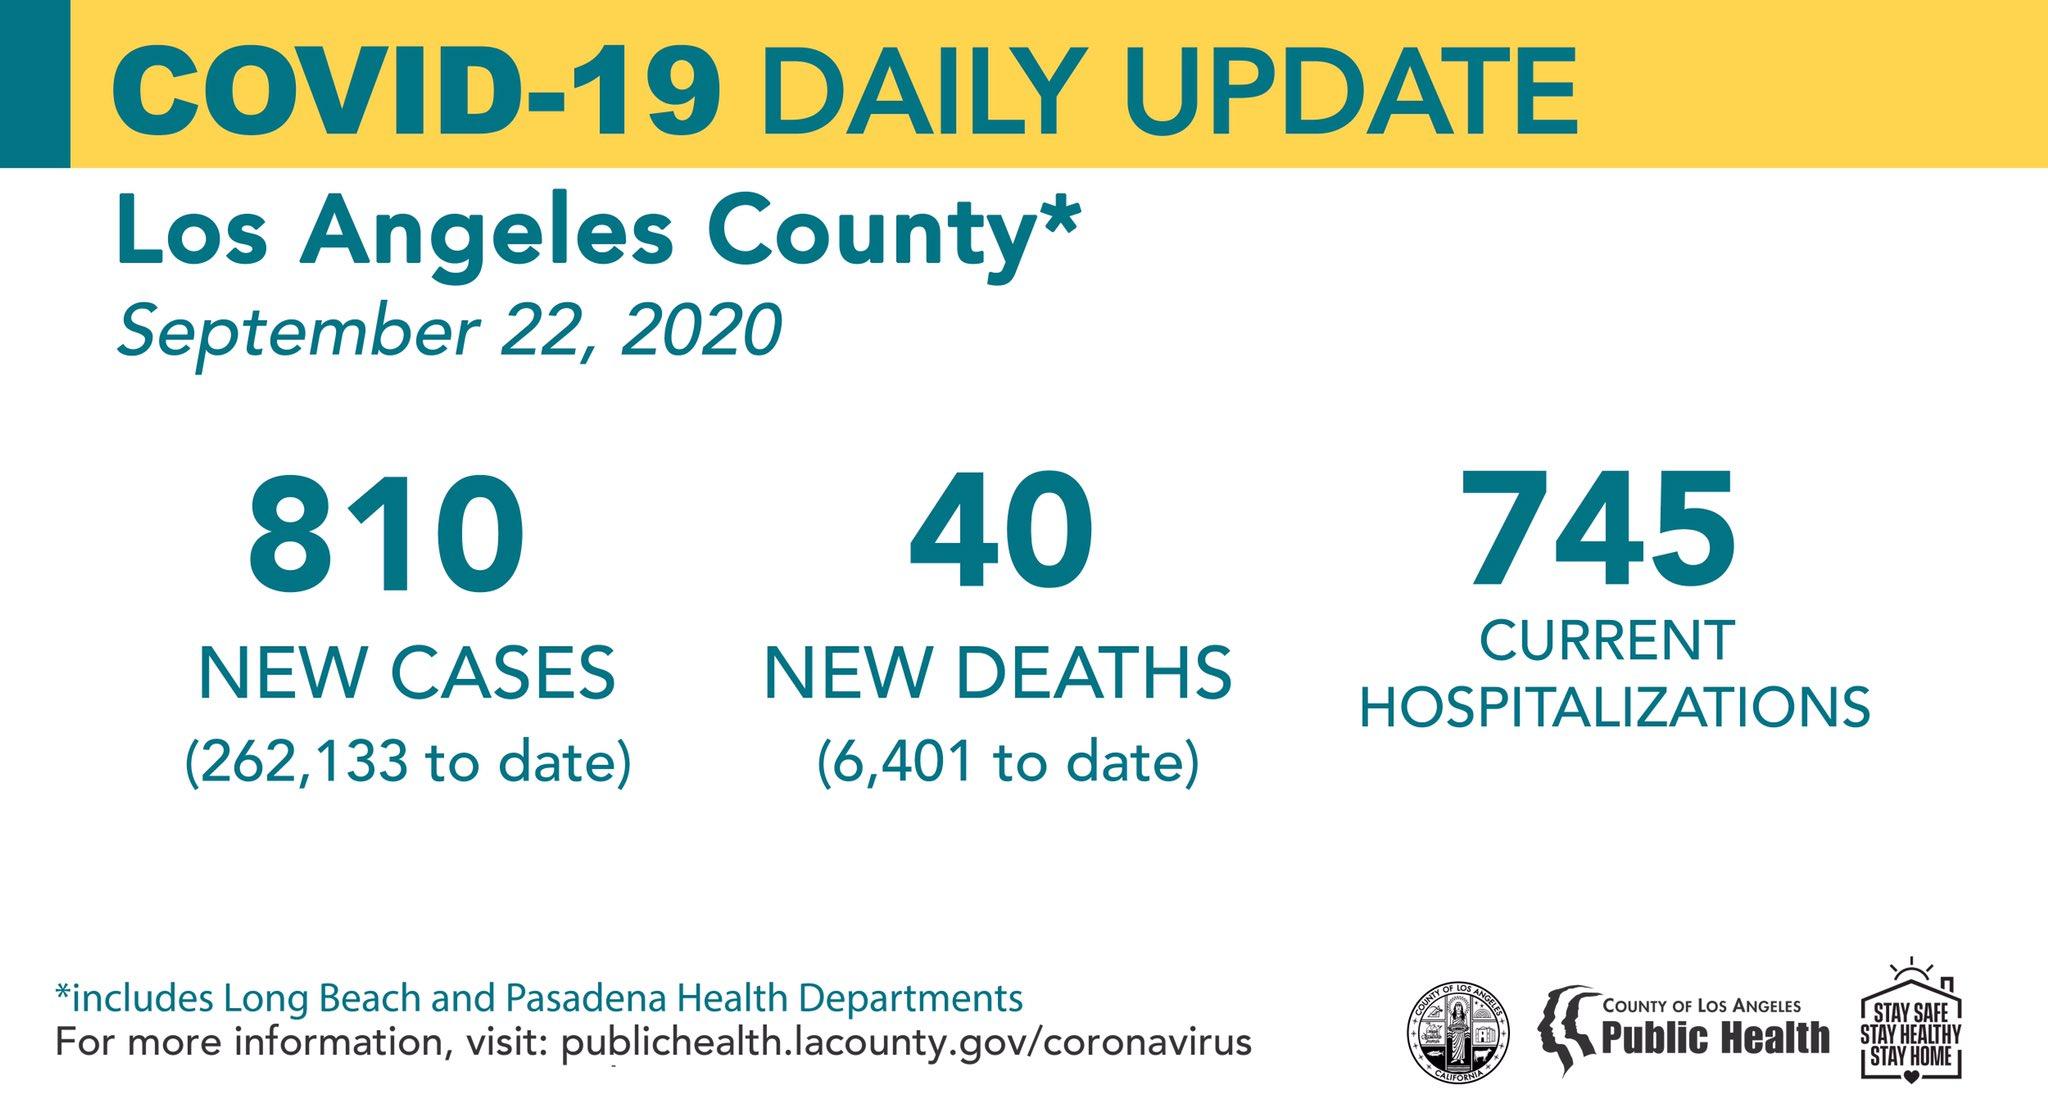 洛杉矶县9月22日新增新冠810例,死亡40例